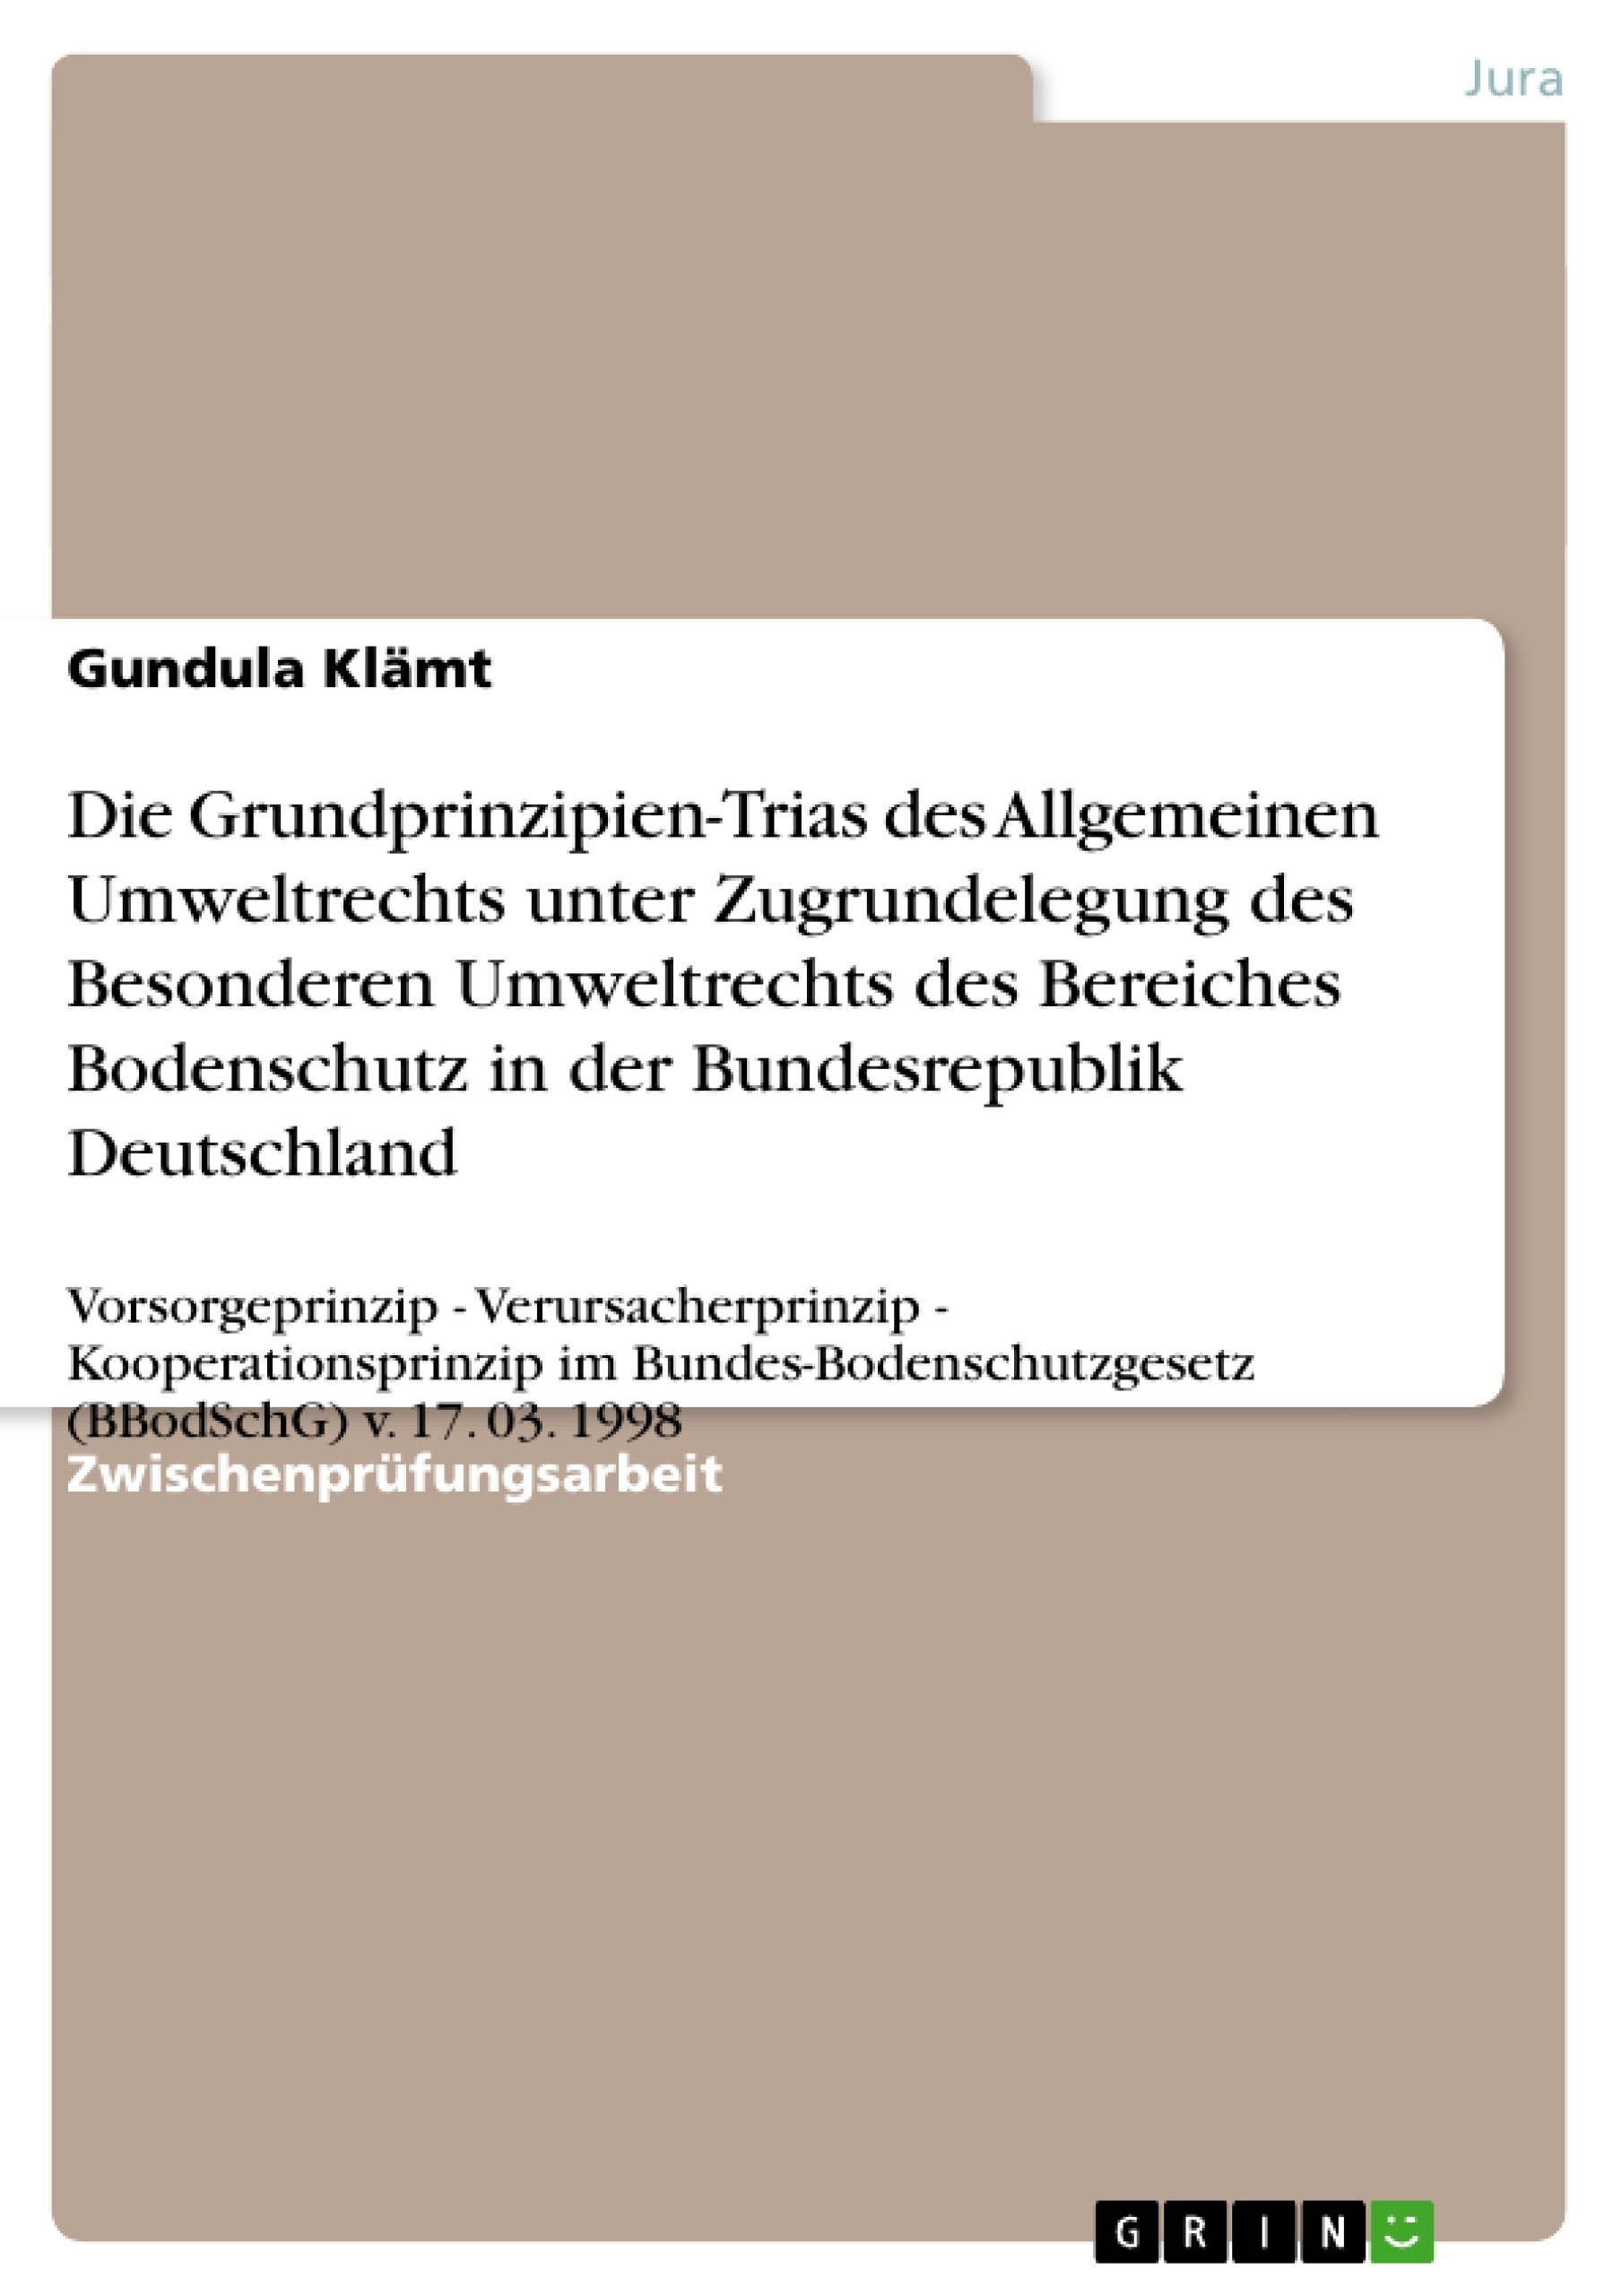 Titel: Die Grundprinzipien-Trias des Allgemeinen Umweltrechts unter Zugrundelegung des Besonderen  Umweltrechts des Bereiches Bodenschutz in der Bundesrepublik Deutschland